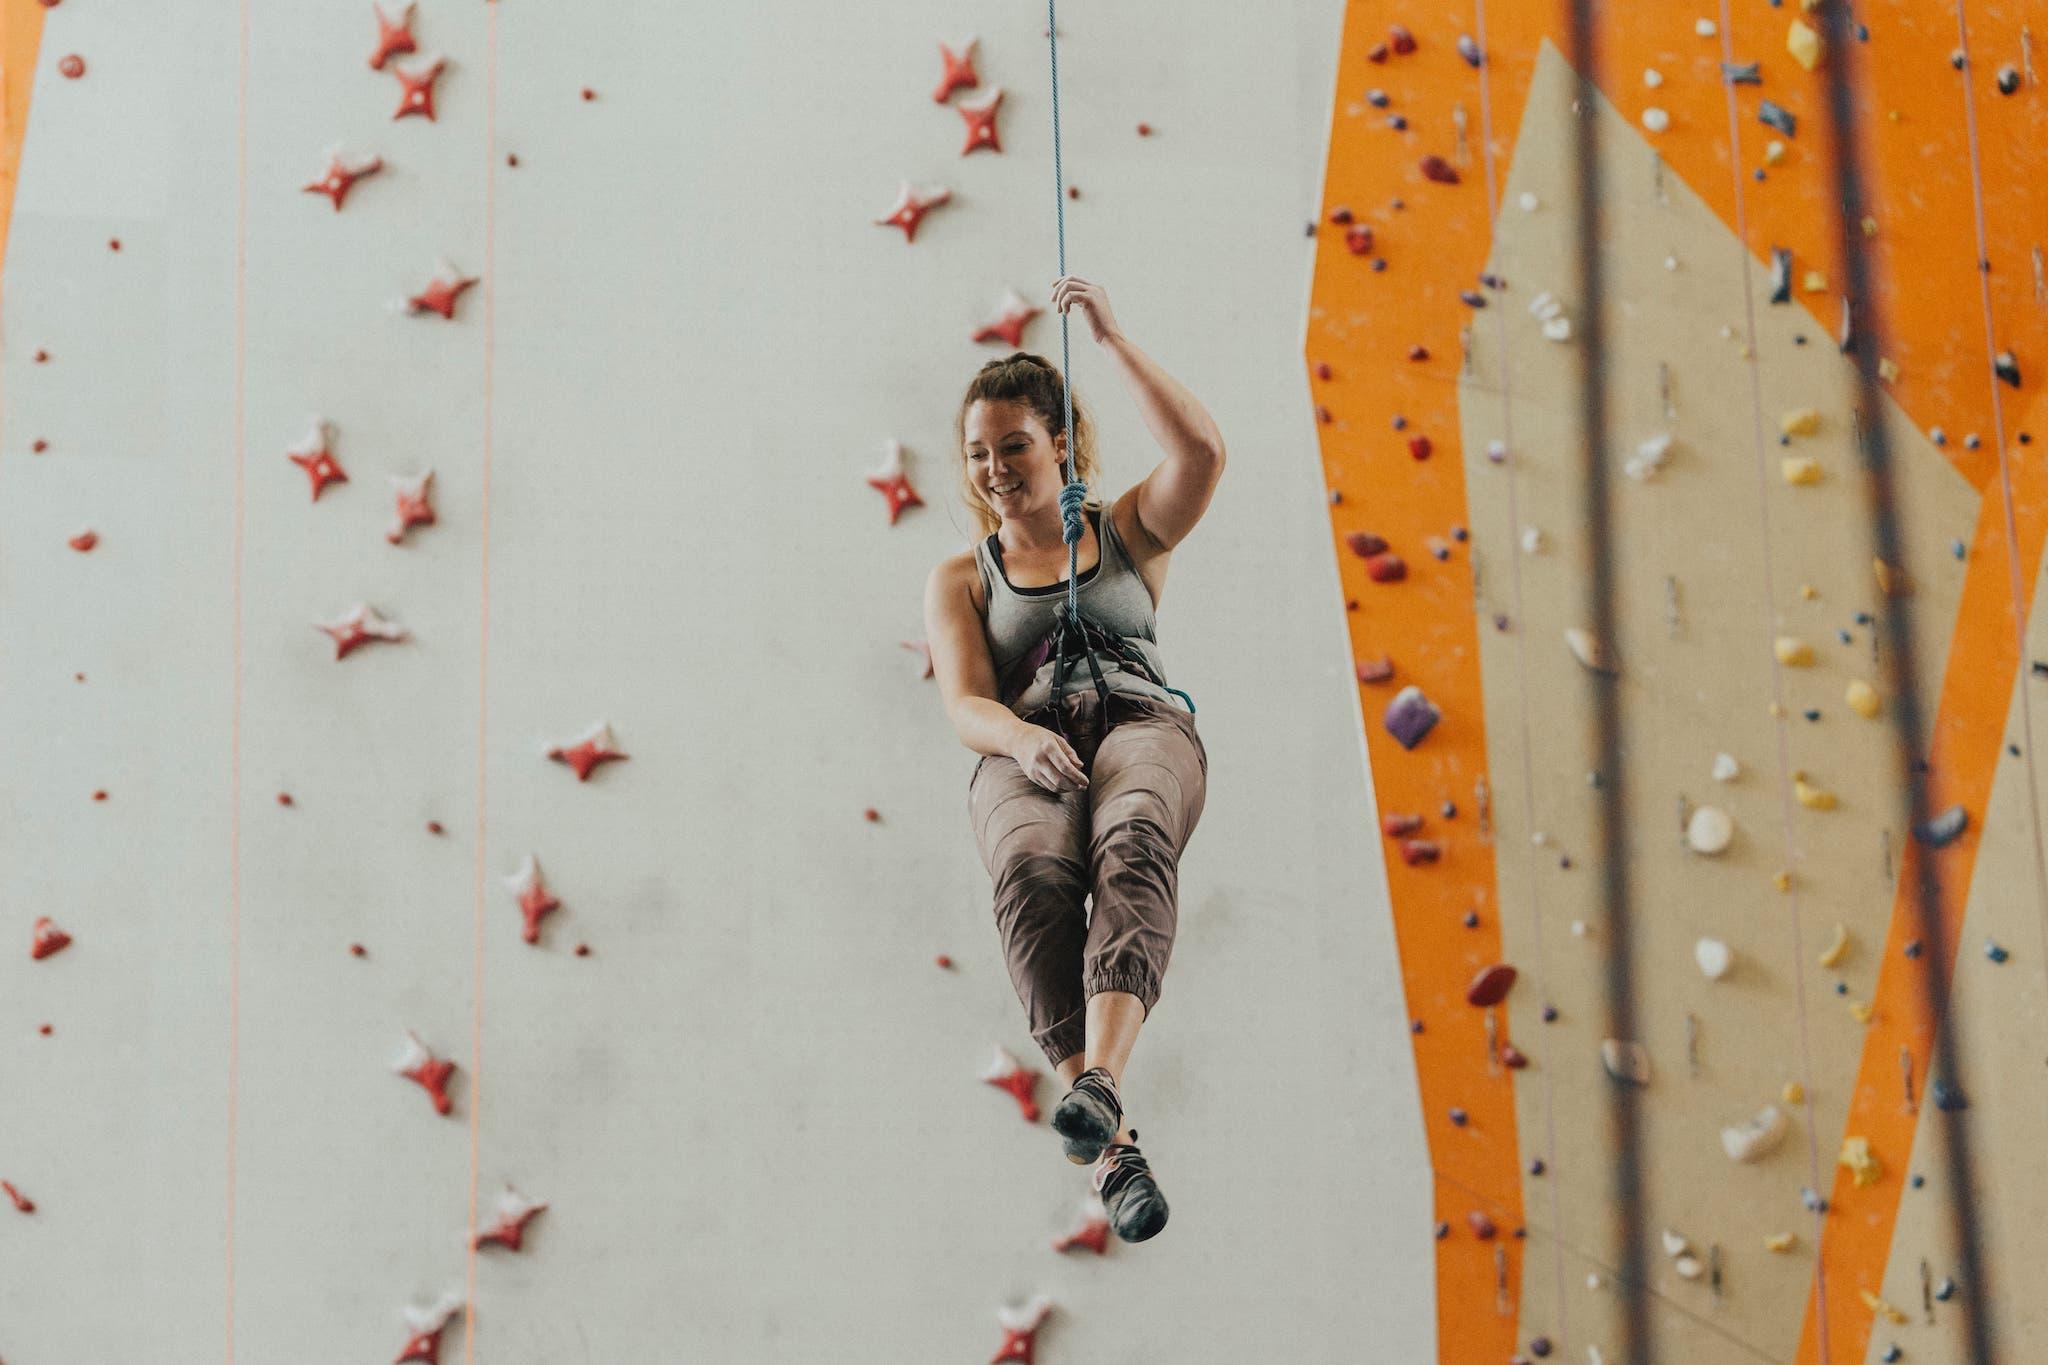 Locuri unde poți practica escalada în Cluj